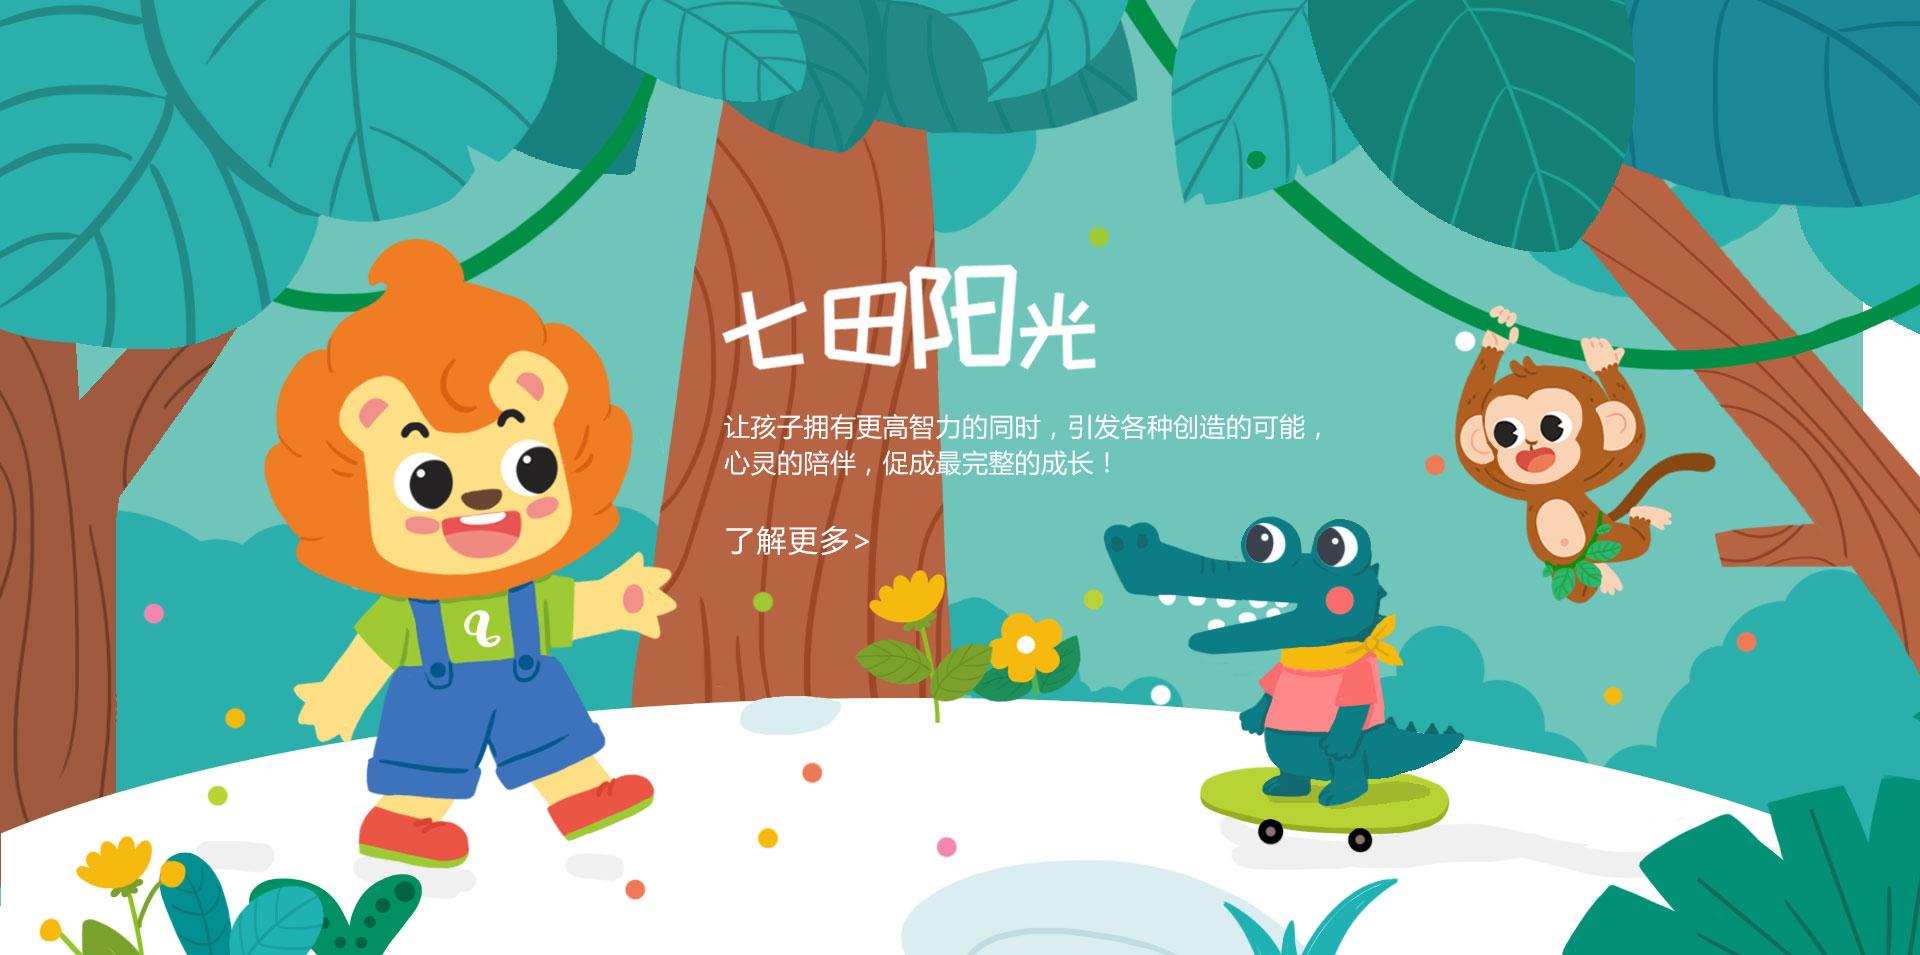 易胜博备用网教育2